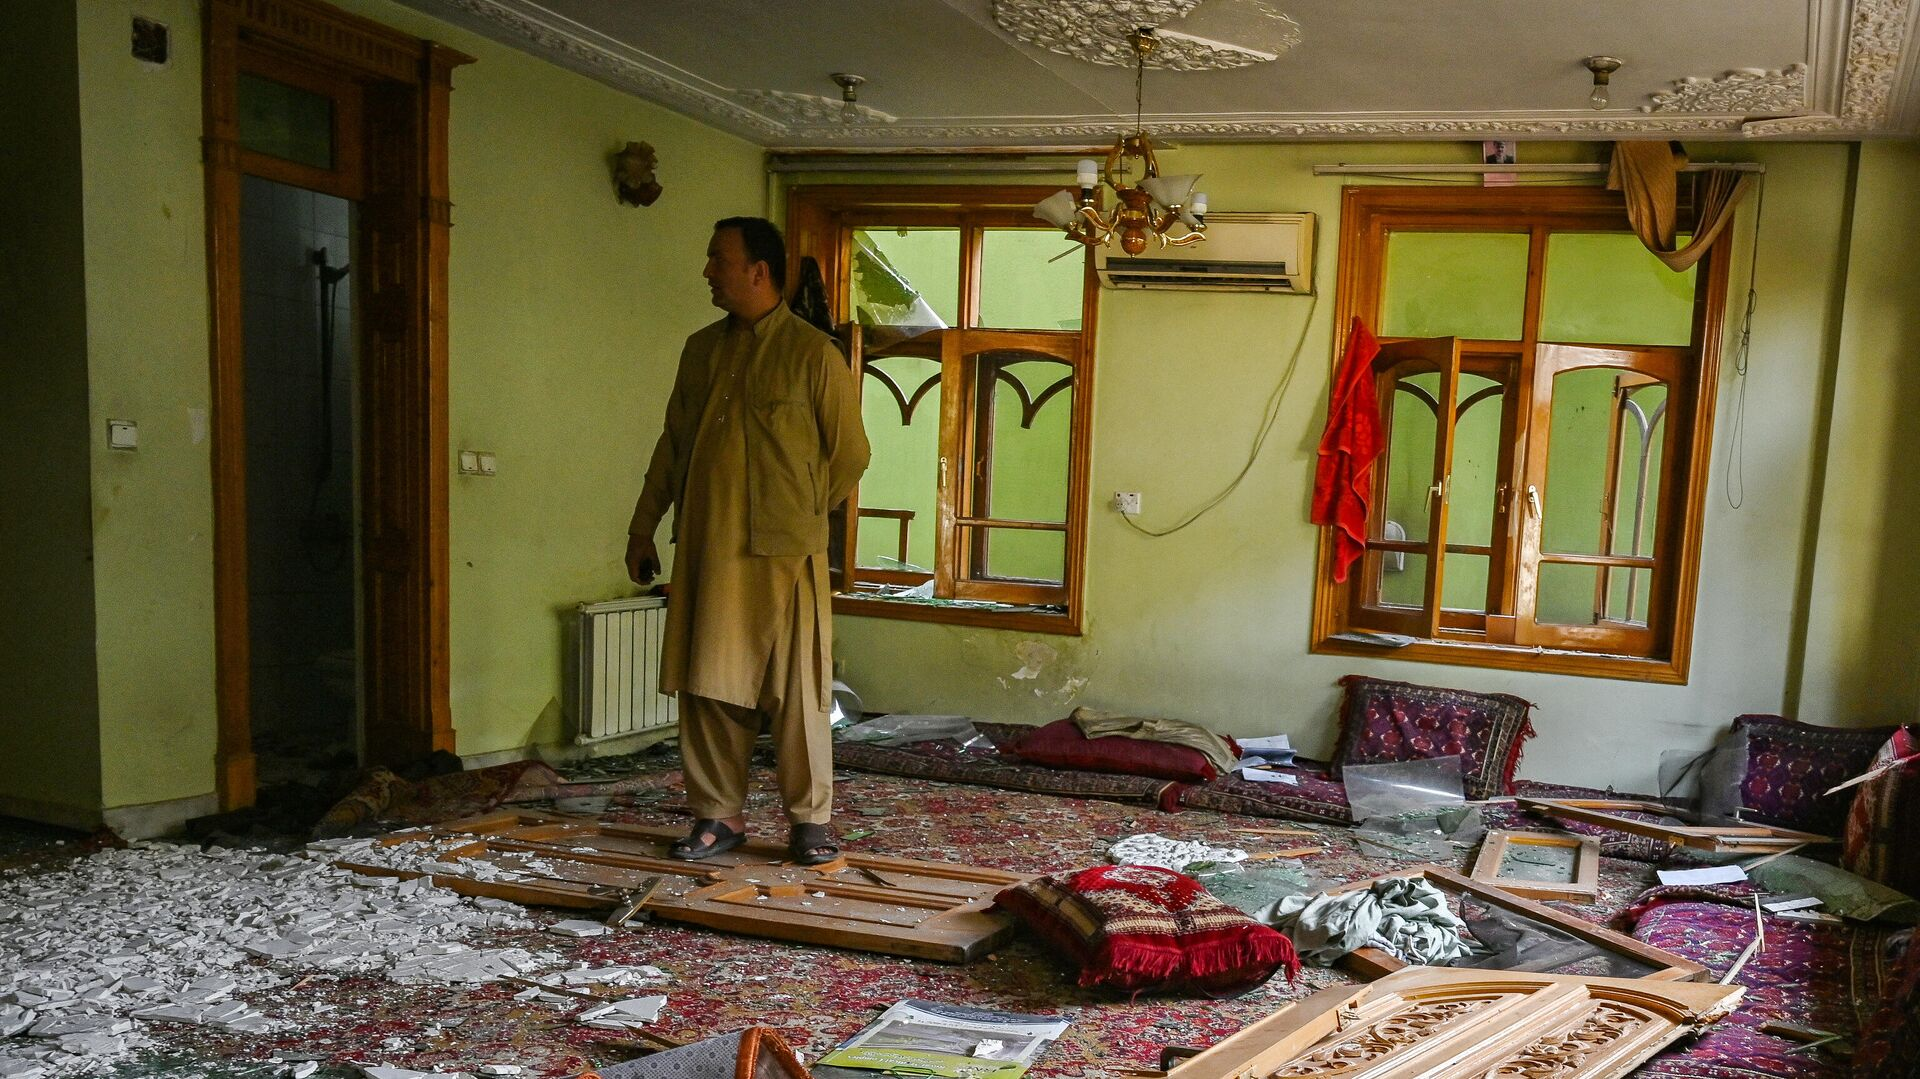 Афганские службы безопасности осматривают повреждения внутри здания через день после взрыва заминированного автомобиля в Кабуле 4 августа 2021 года - РИА Новости, 1920, 04.08.2021